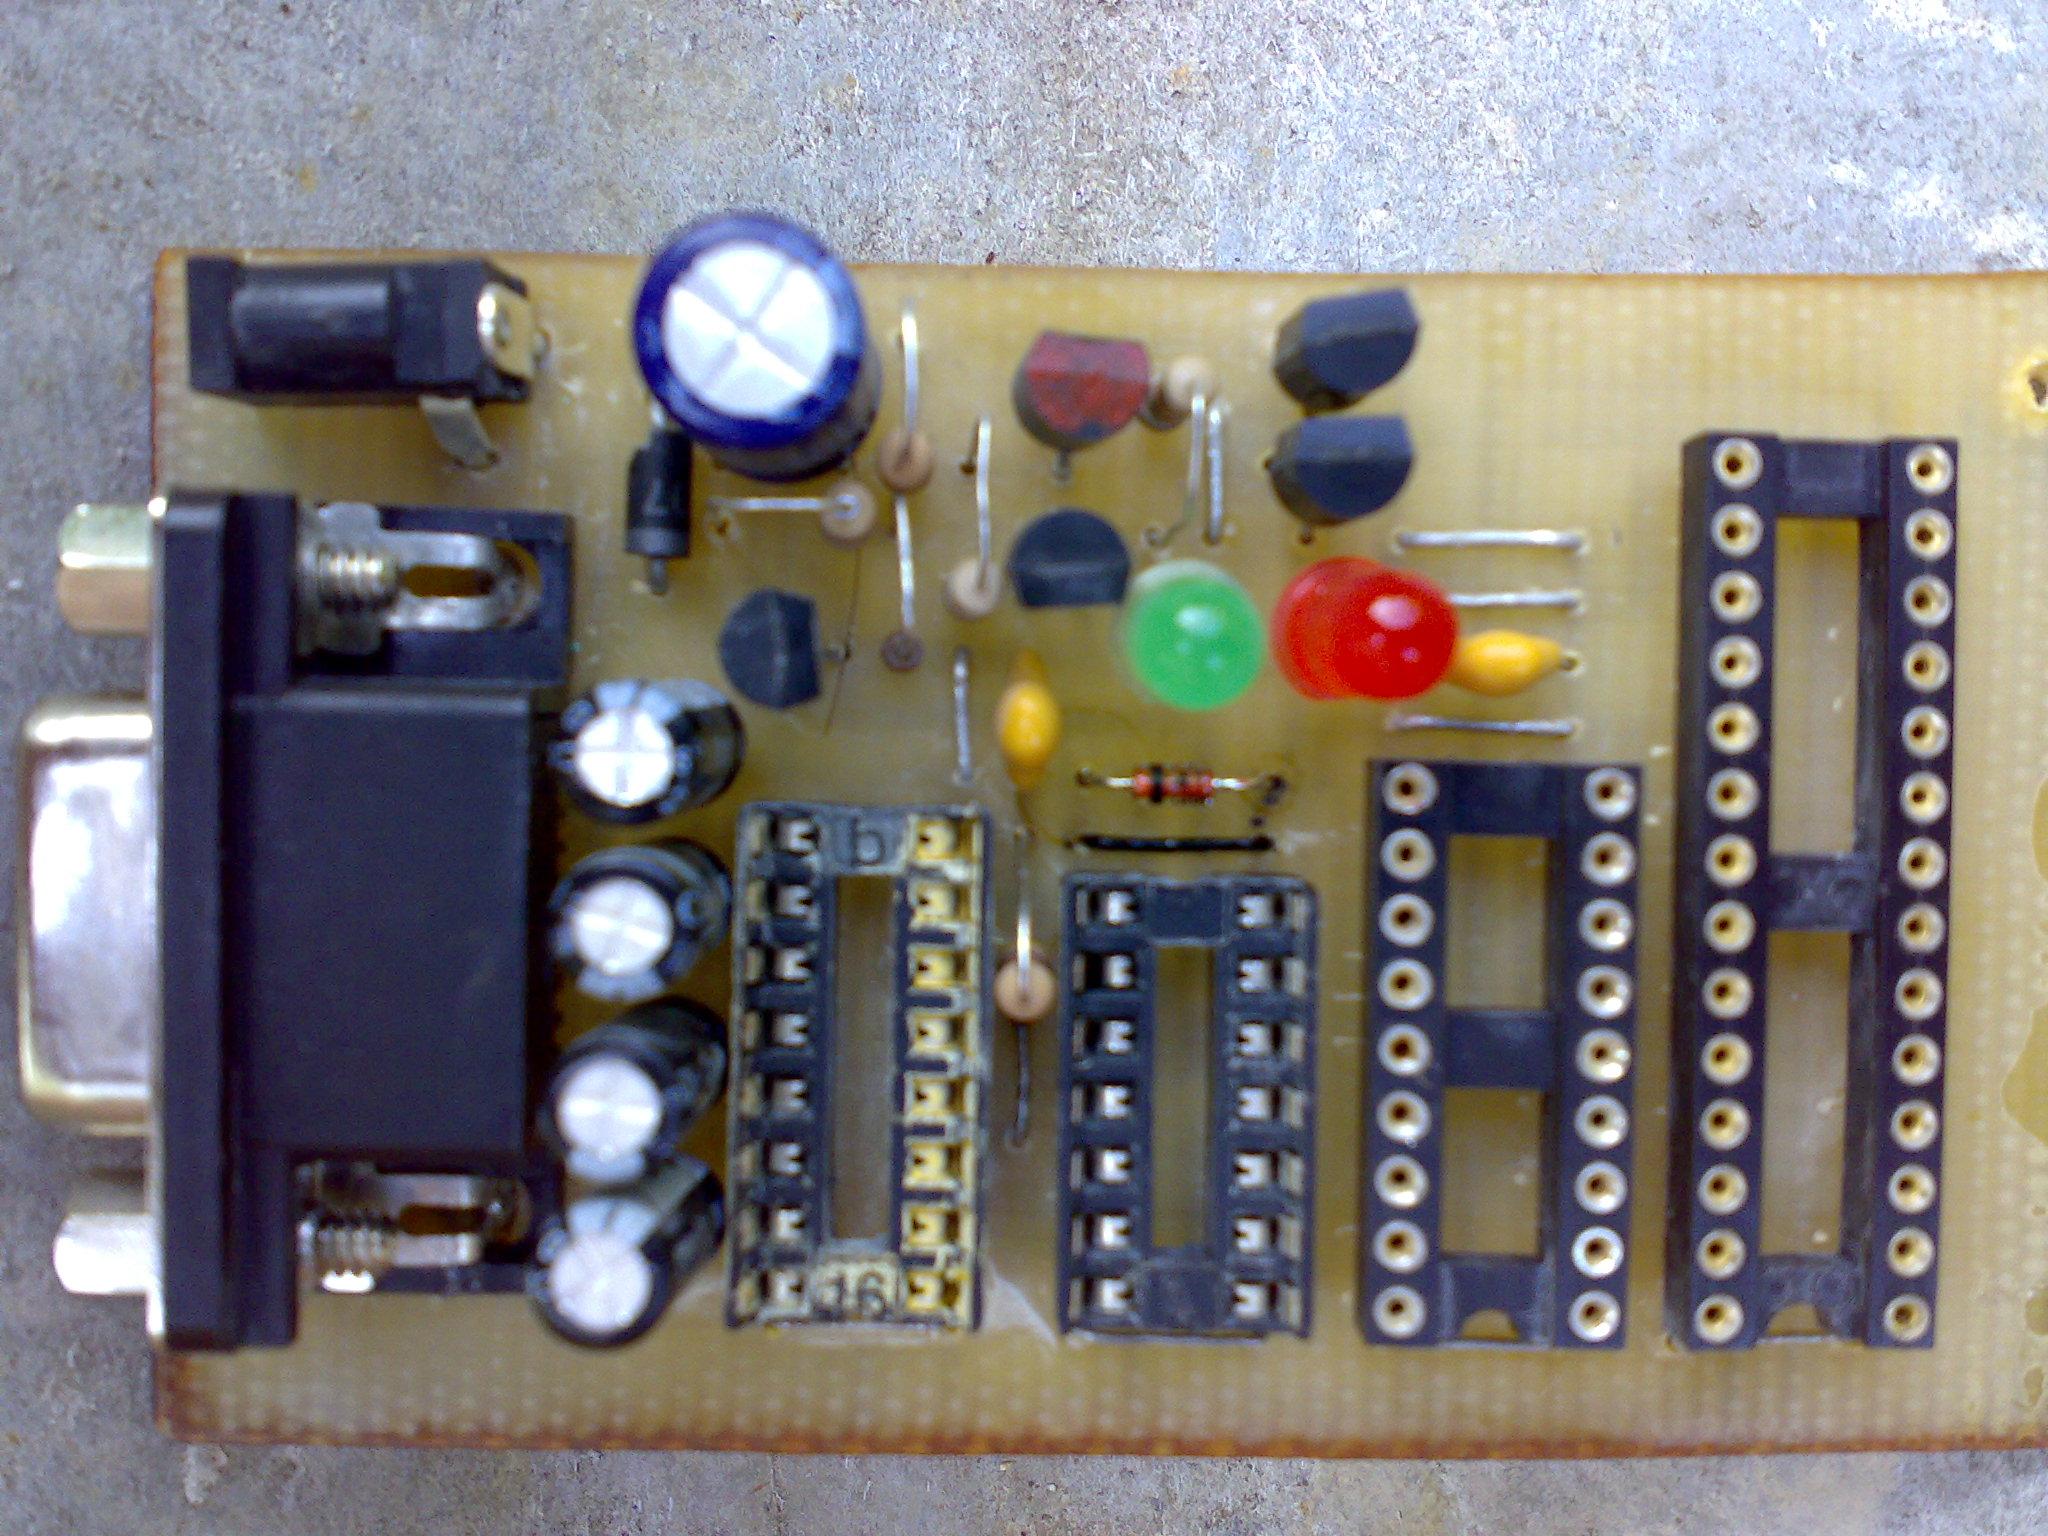 пошаговая инструкция программирования микрочипа pic16f676